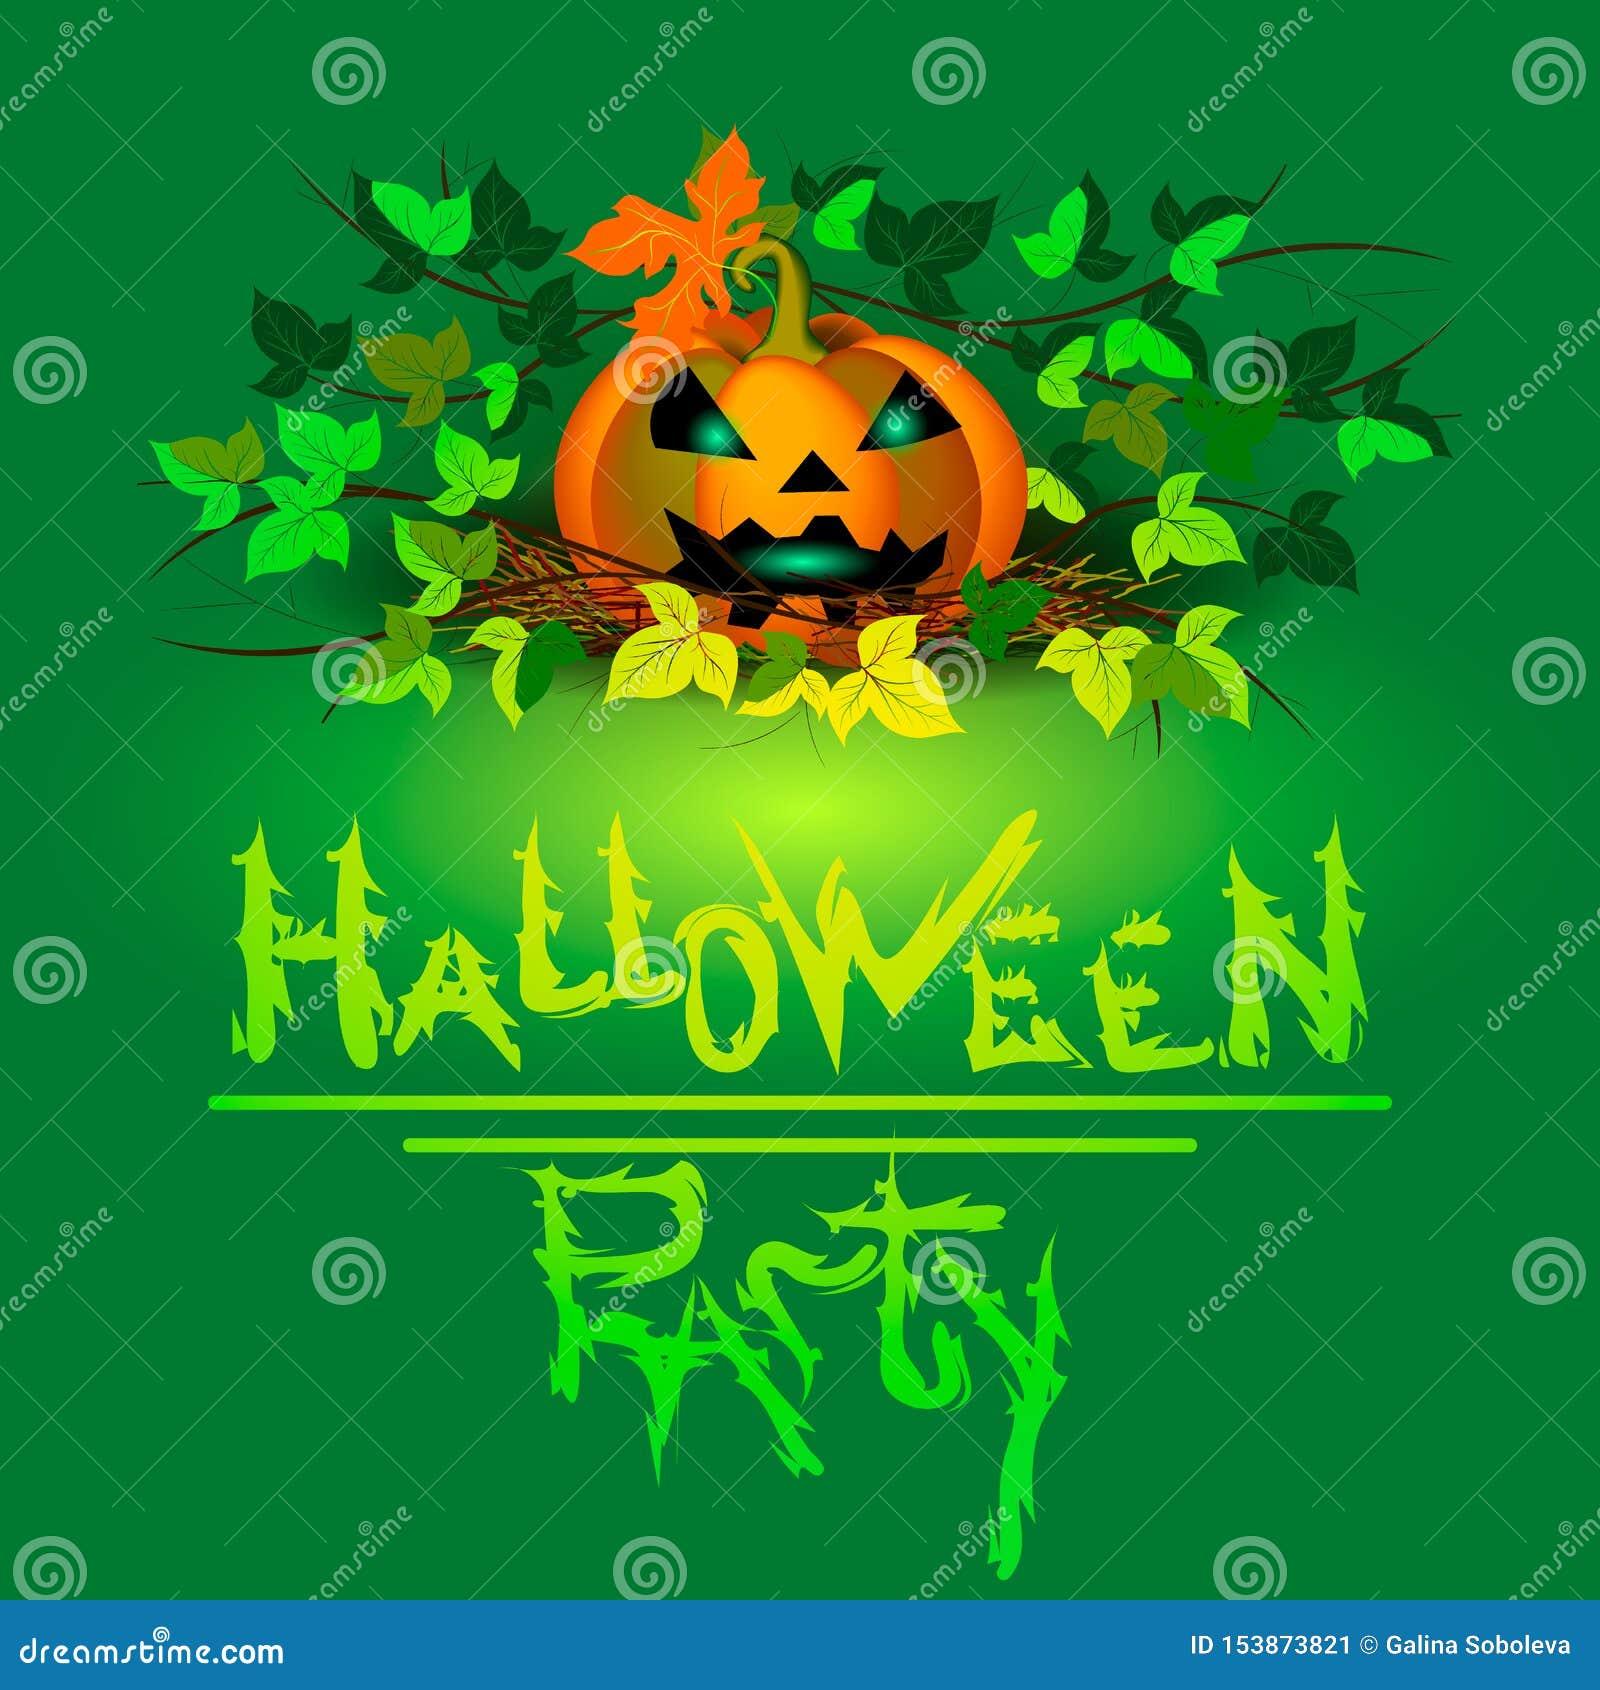 Banner voor Halloween Pompoen met gloeiende ogen onder het gebladerte op een groene achtergrond